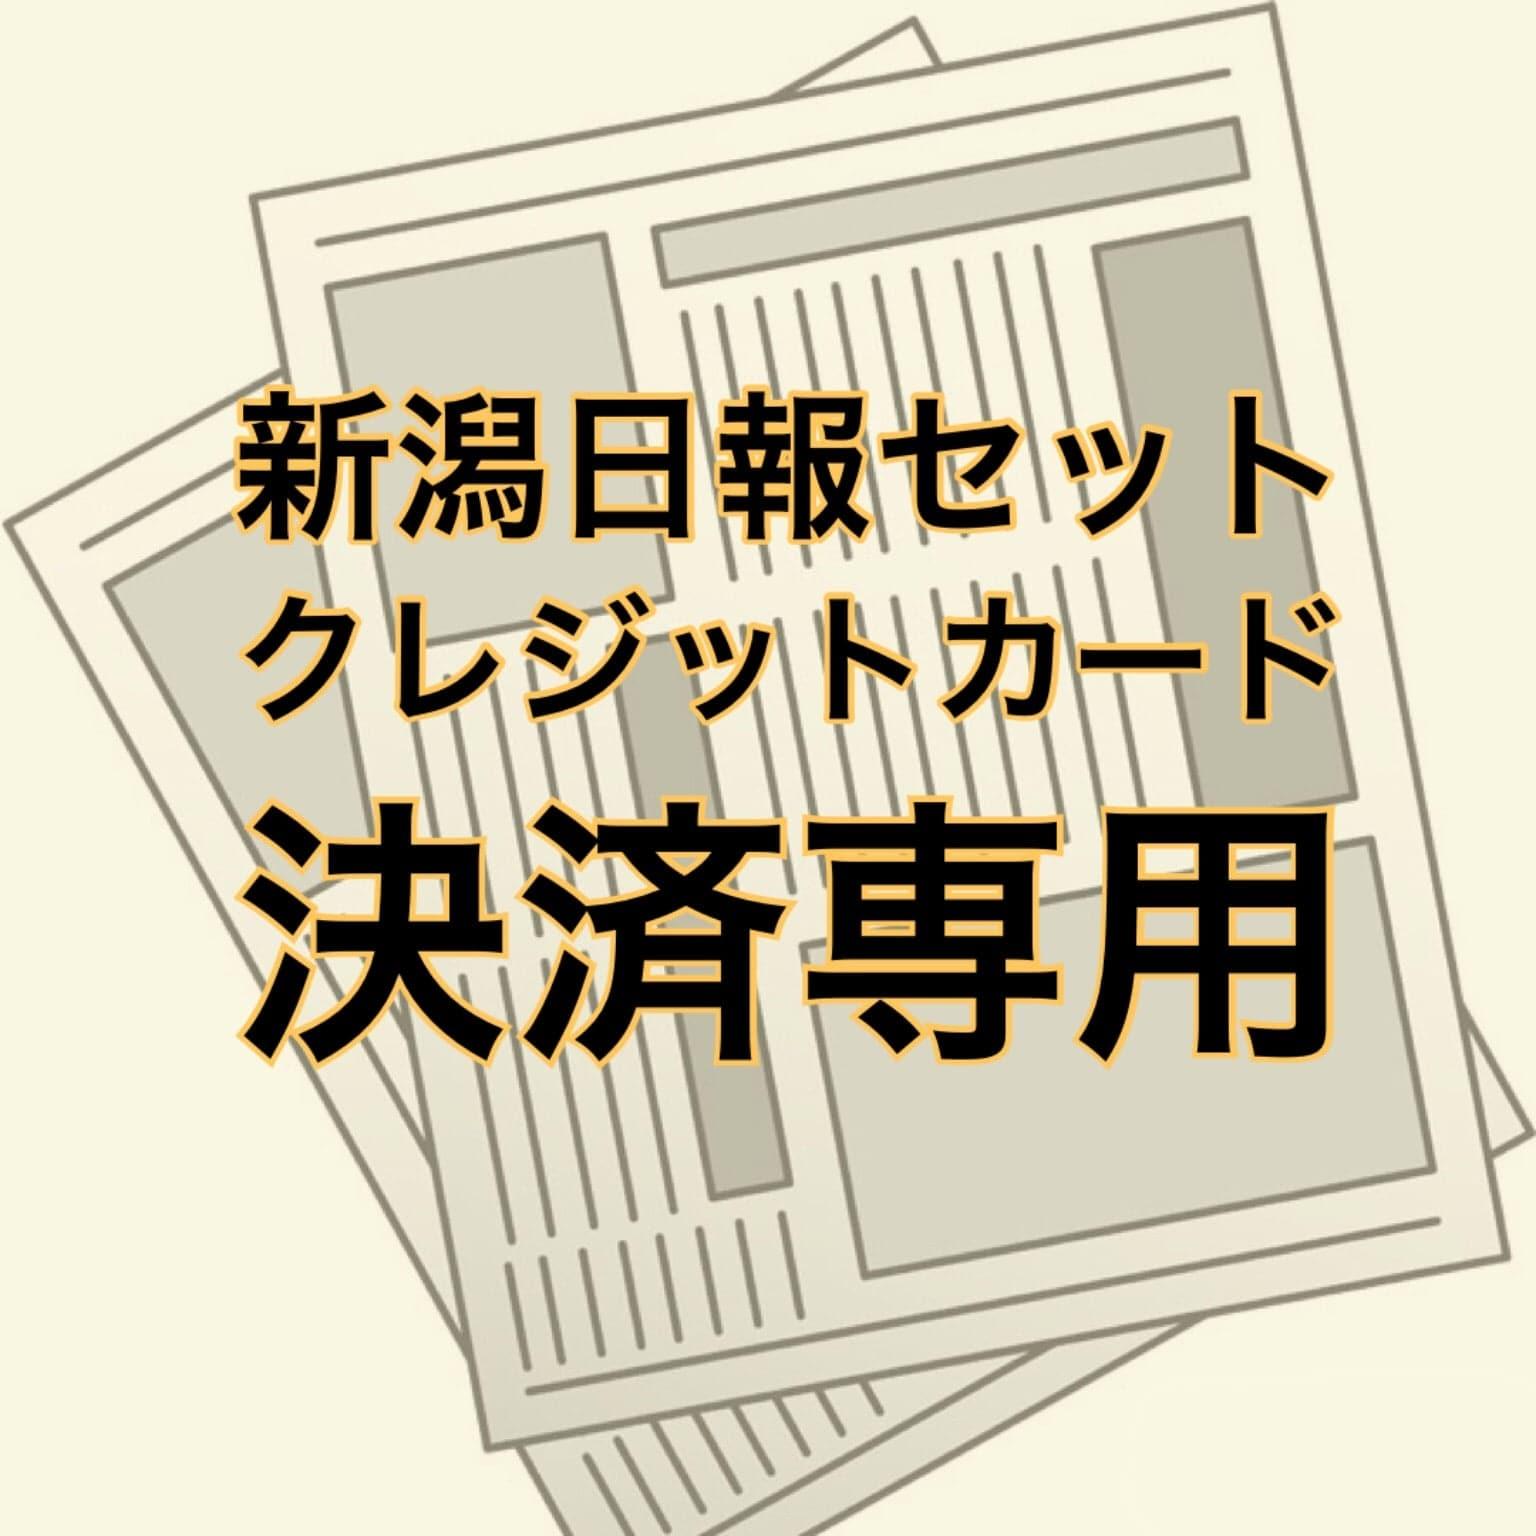 新潟日報セット クレジットカード決済専用のイメージその1